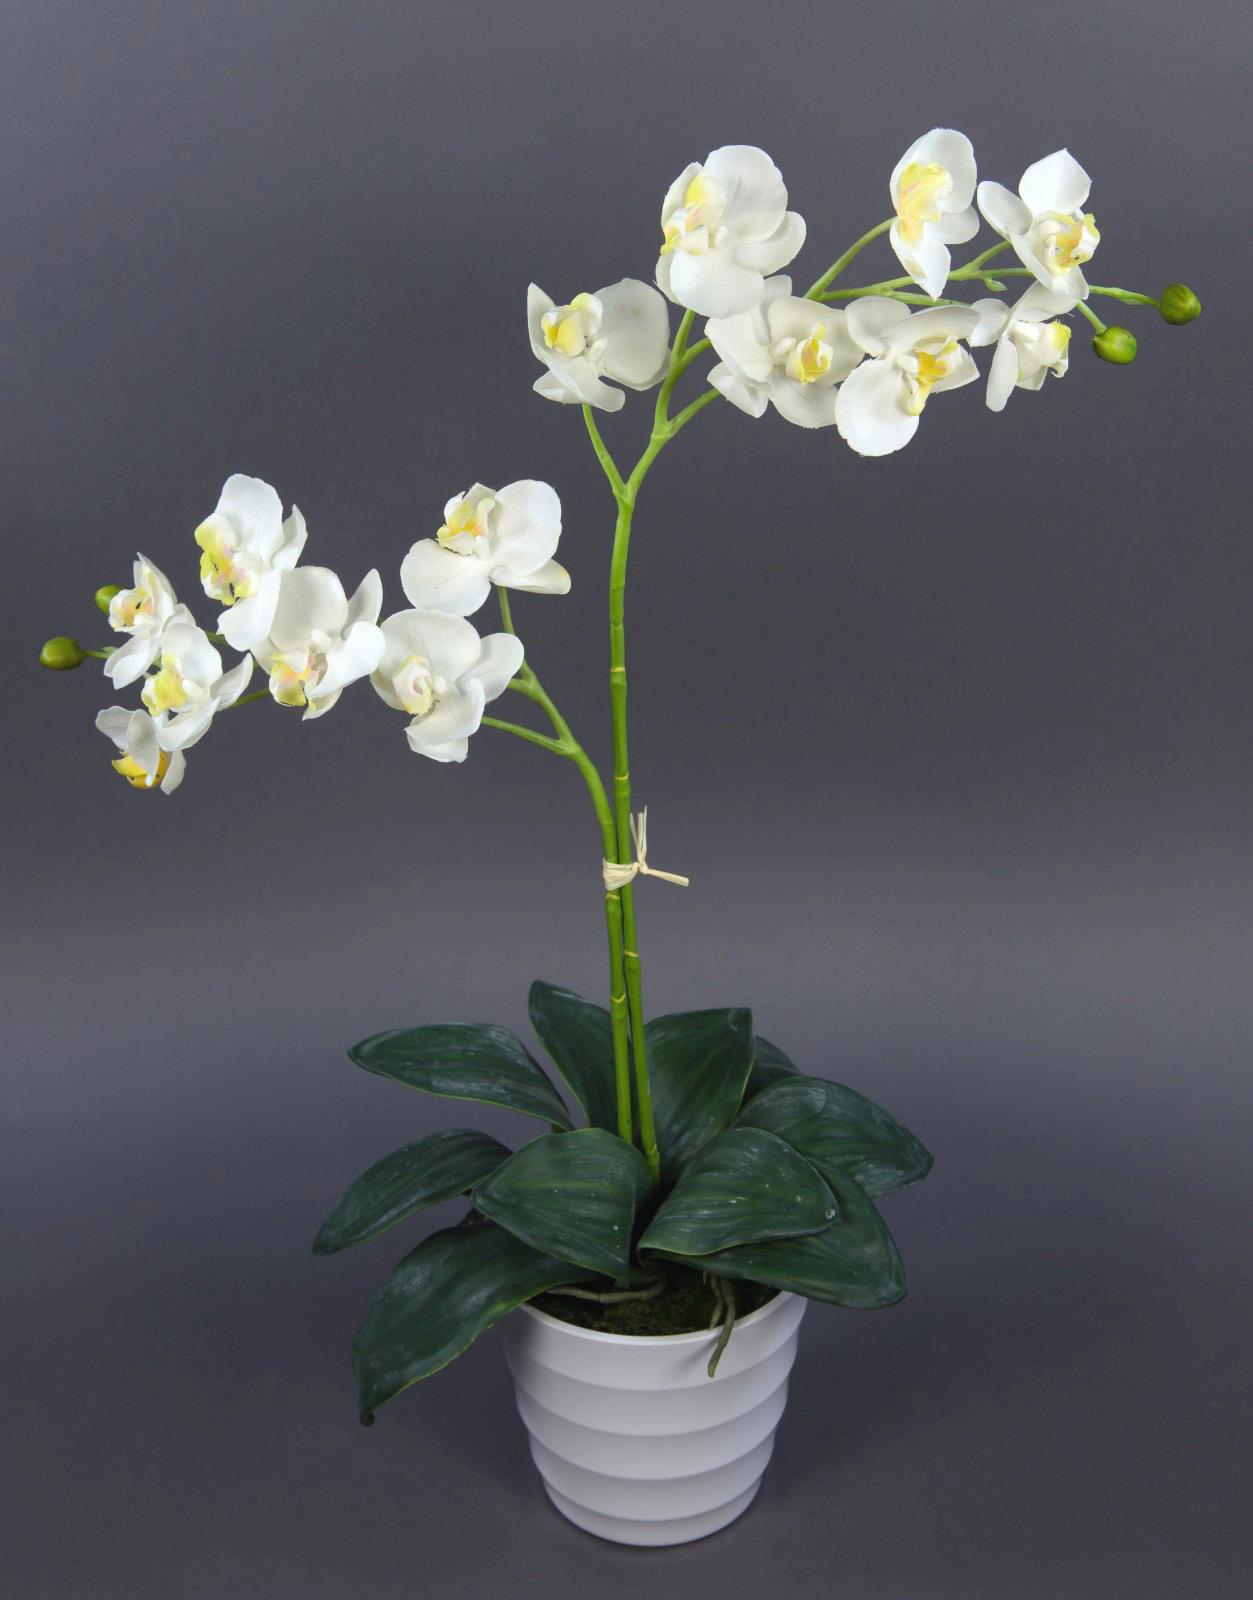 orchidee natural 65cm creme wei im wei en dekotopf pf kunstblumen k nstliche ebay. Black Bedroom Furniture Sets. Home Design Ideas